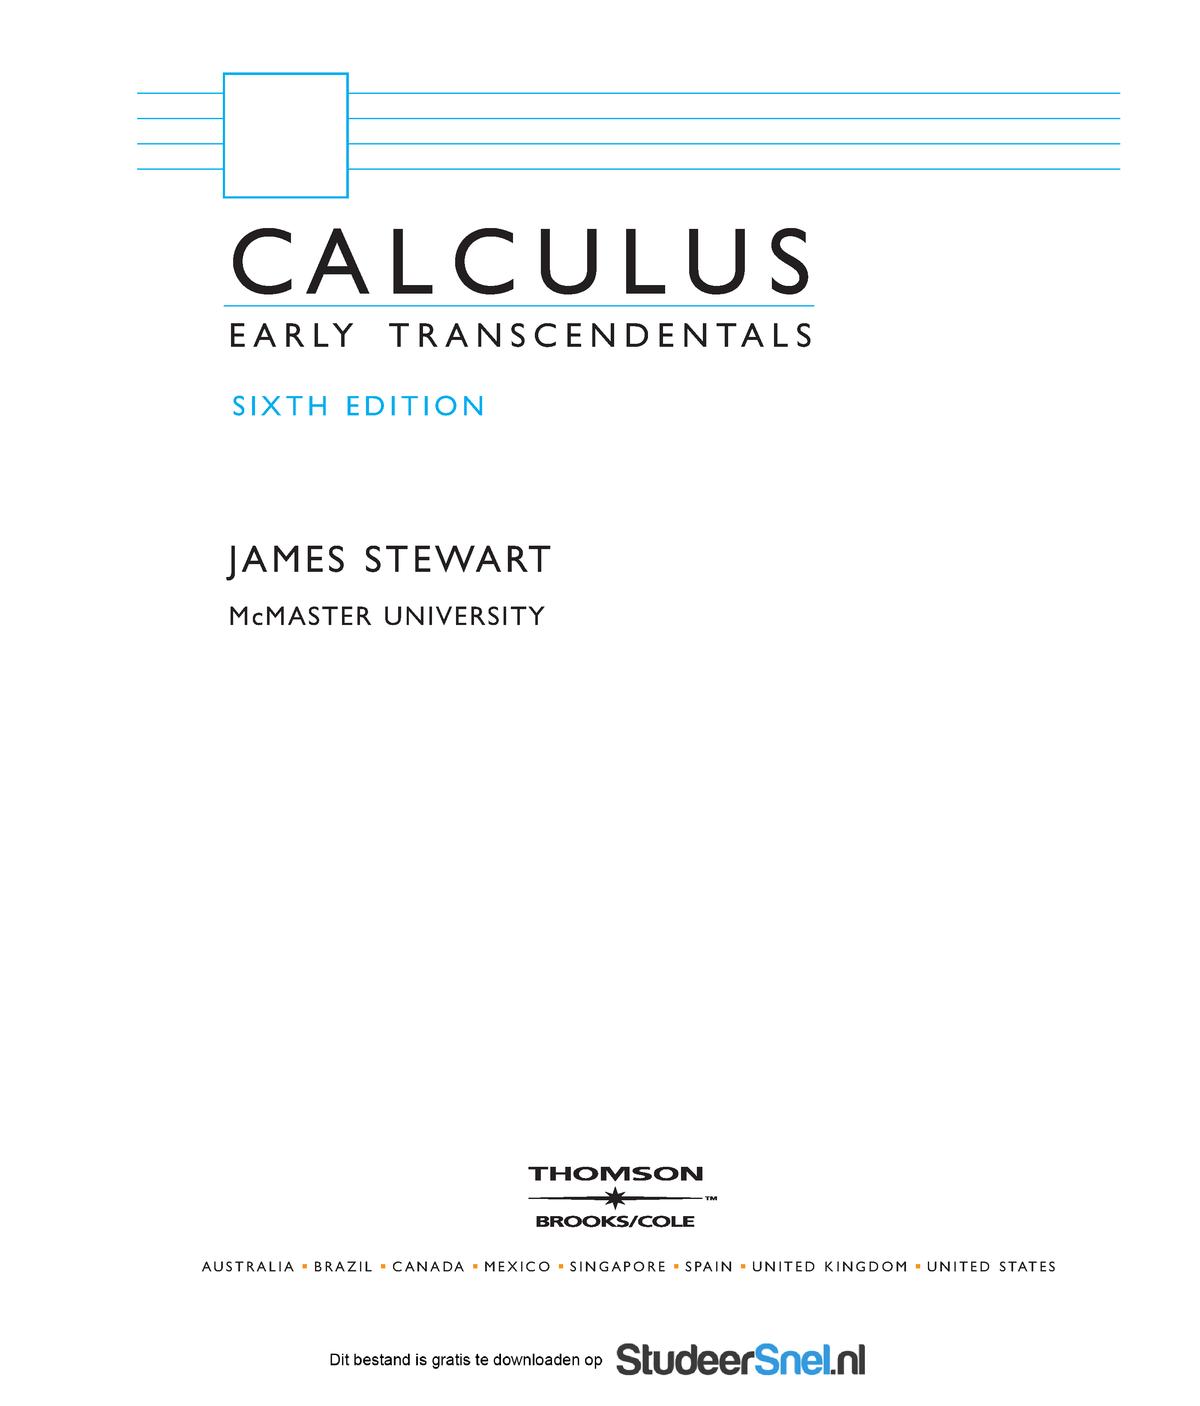 stewart calculus homework hints 6e